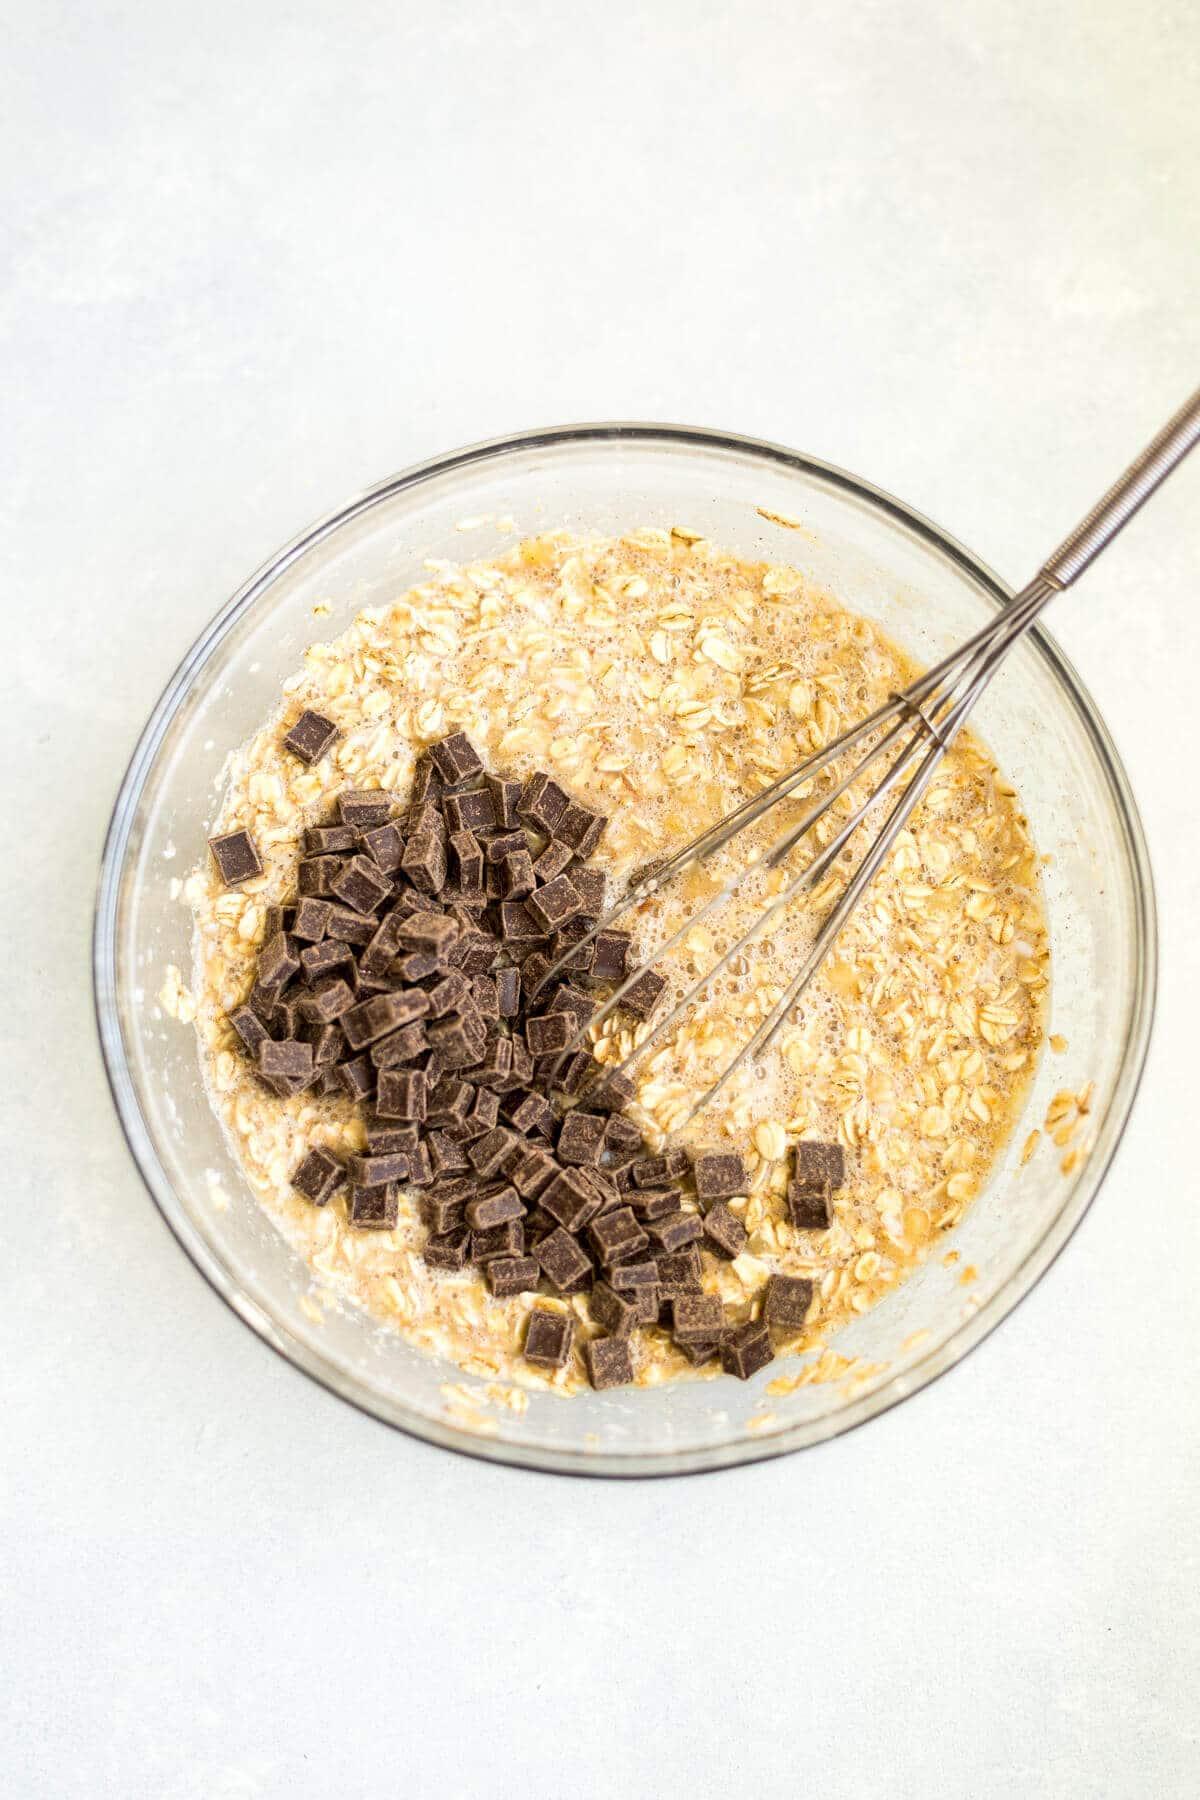 banana baked oatmeal mix